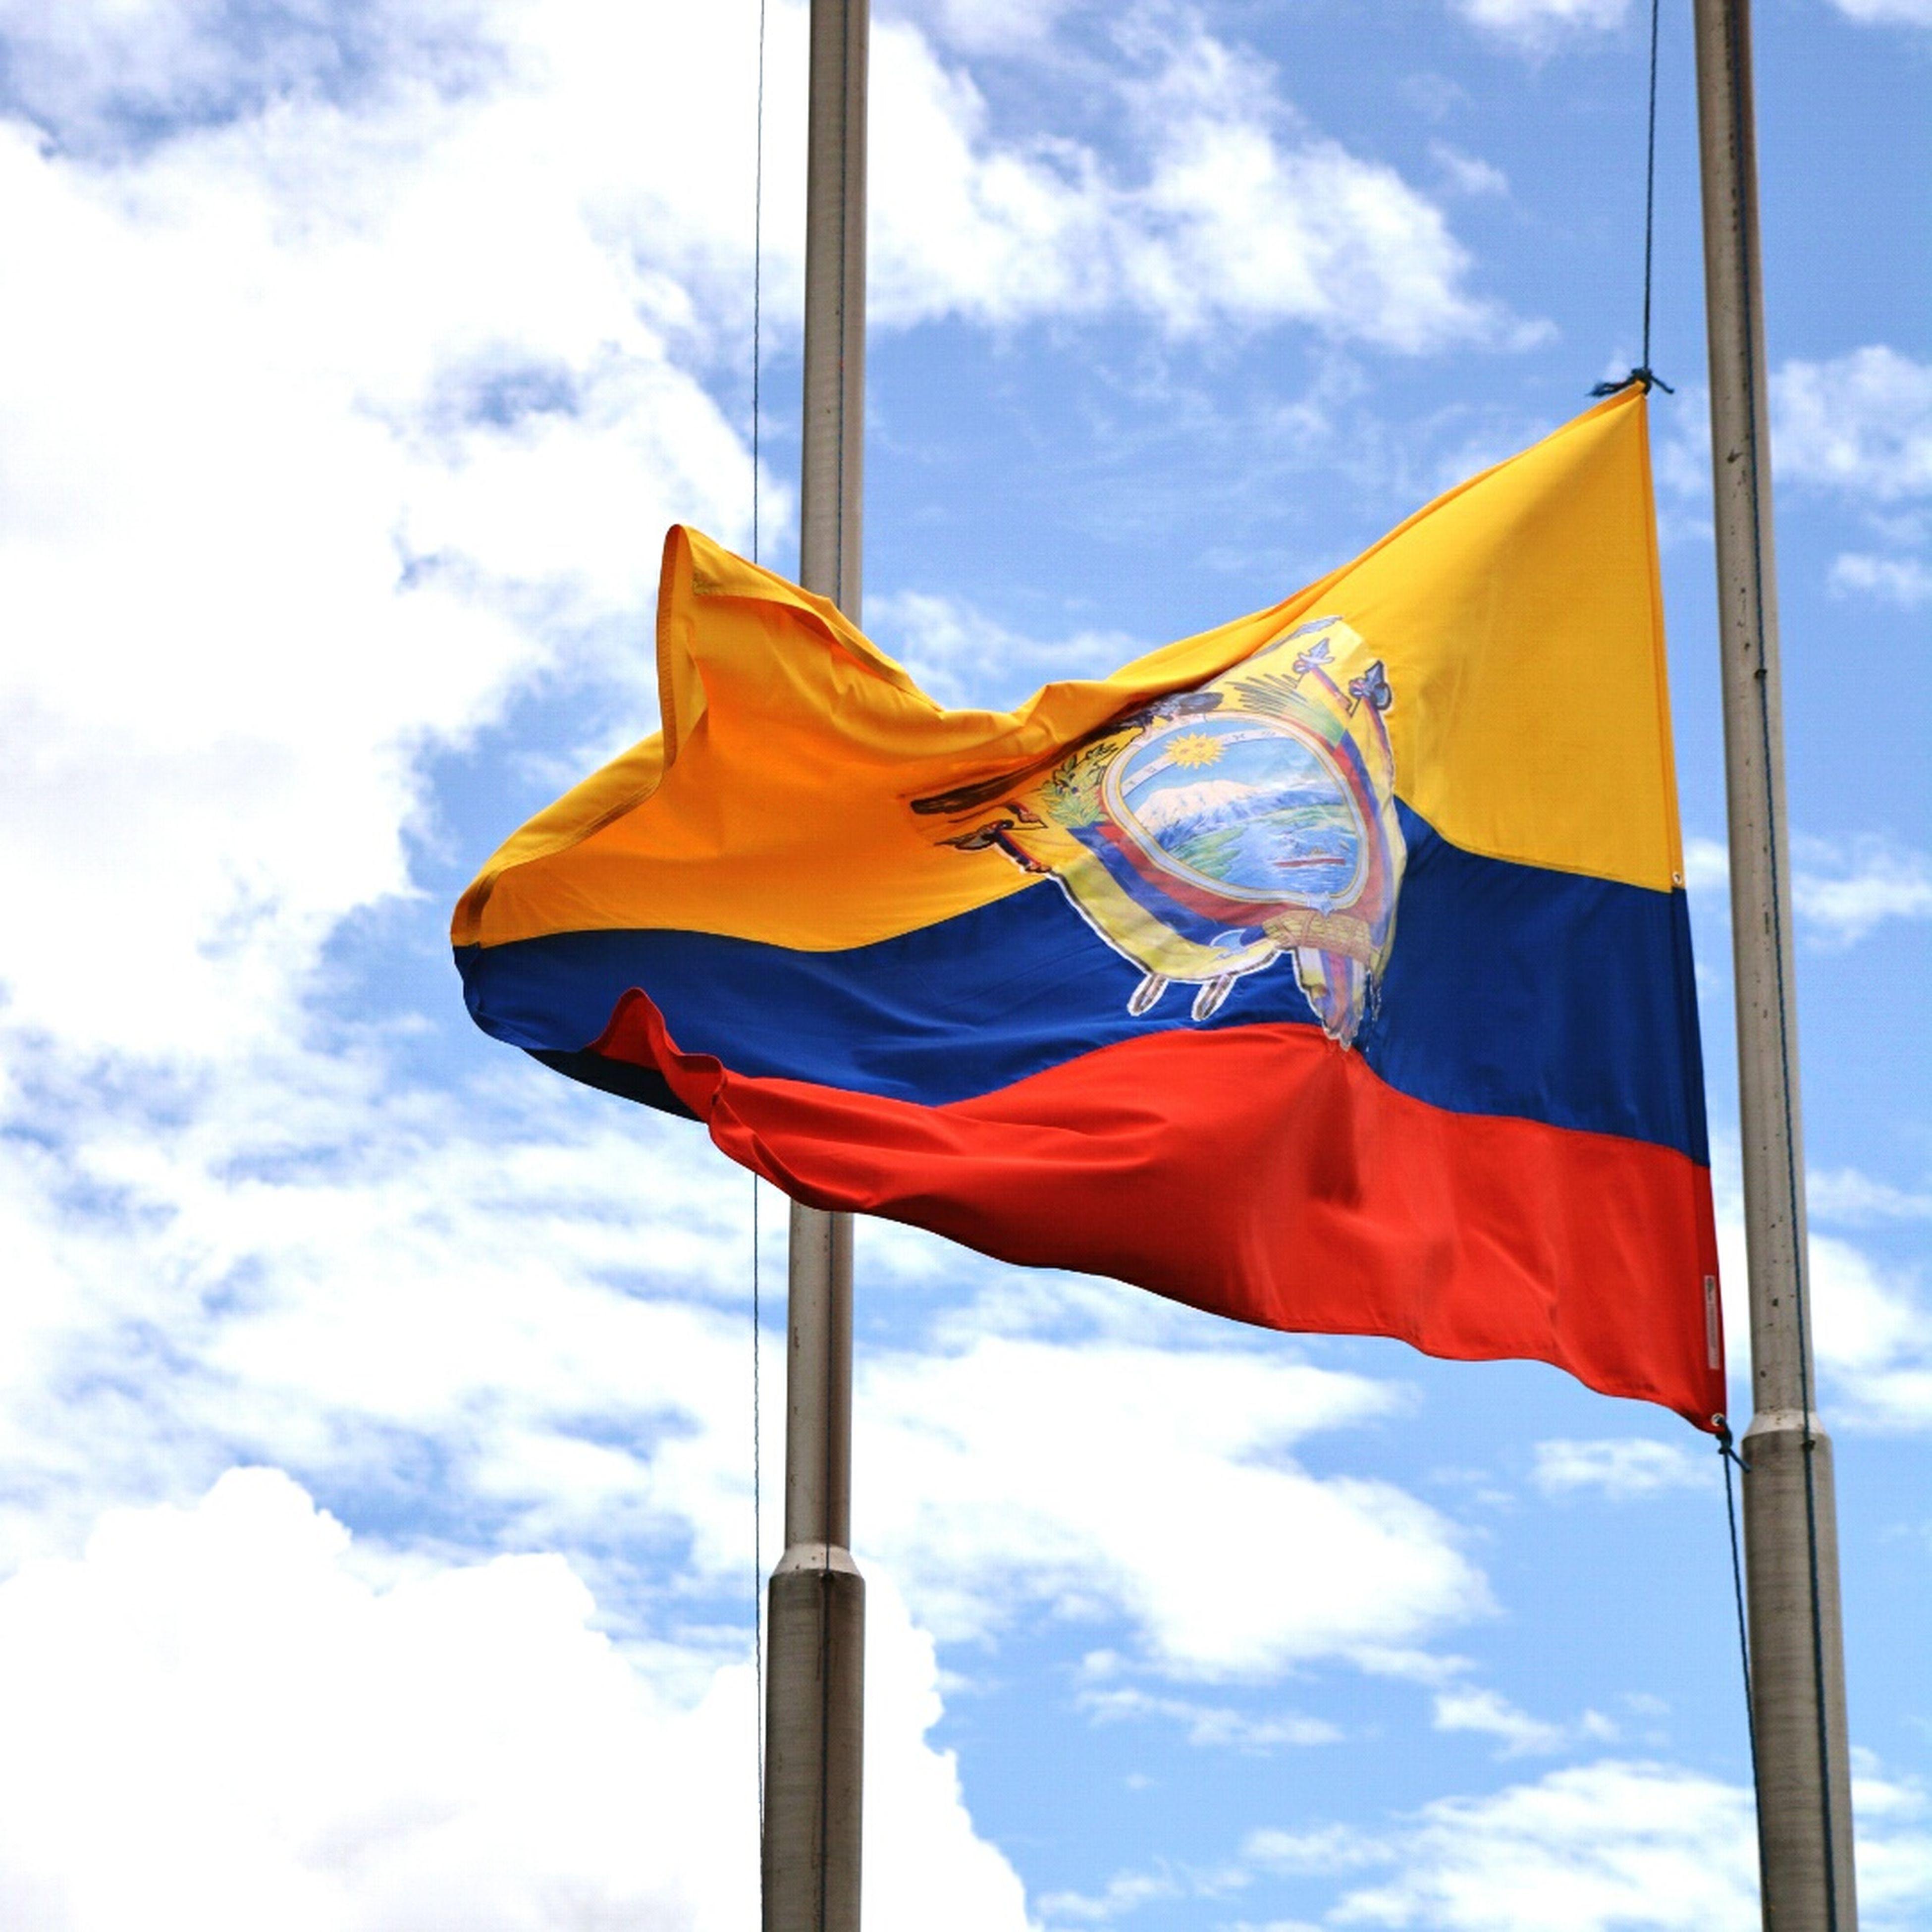 Ecuador Bandera De Ecuador Mitad Del Mundo Nikon Wind